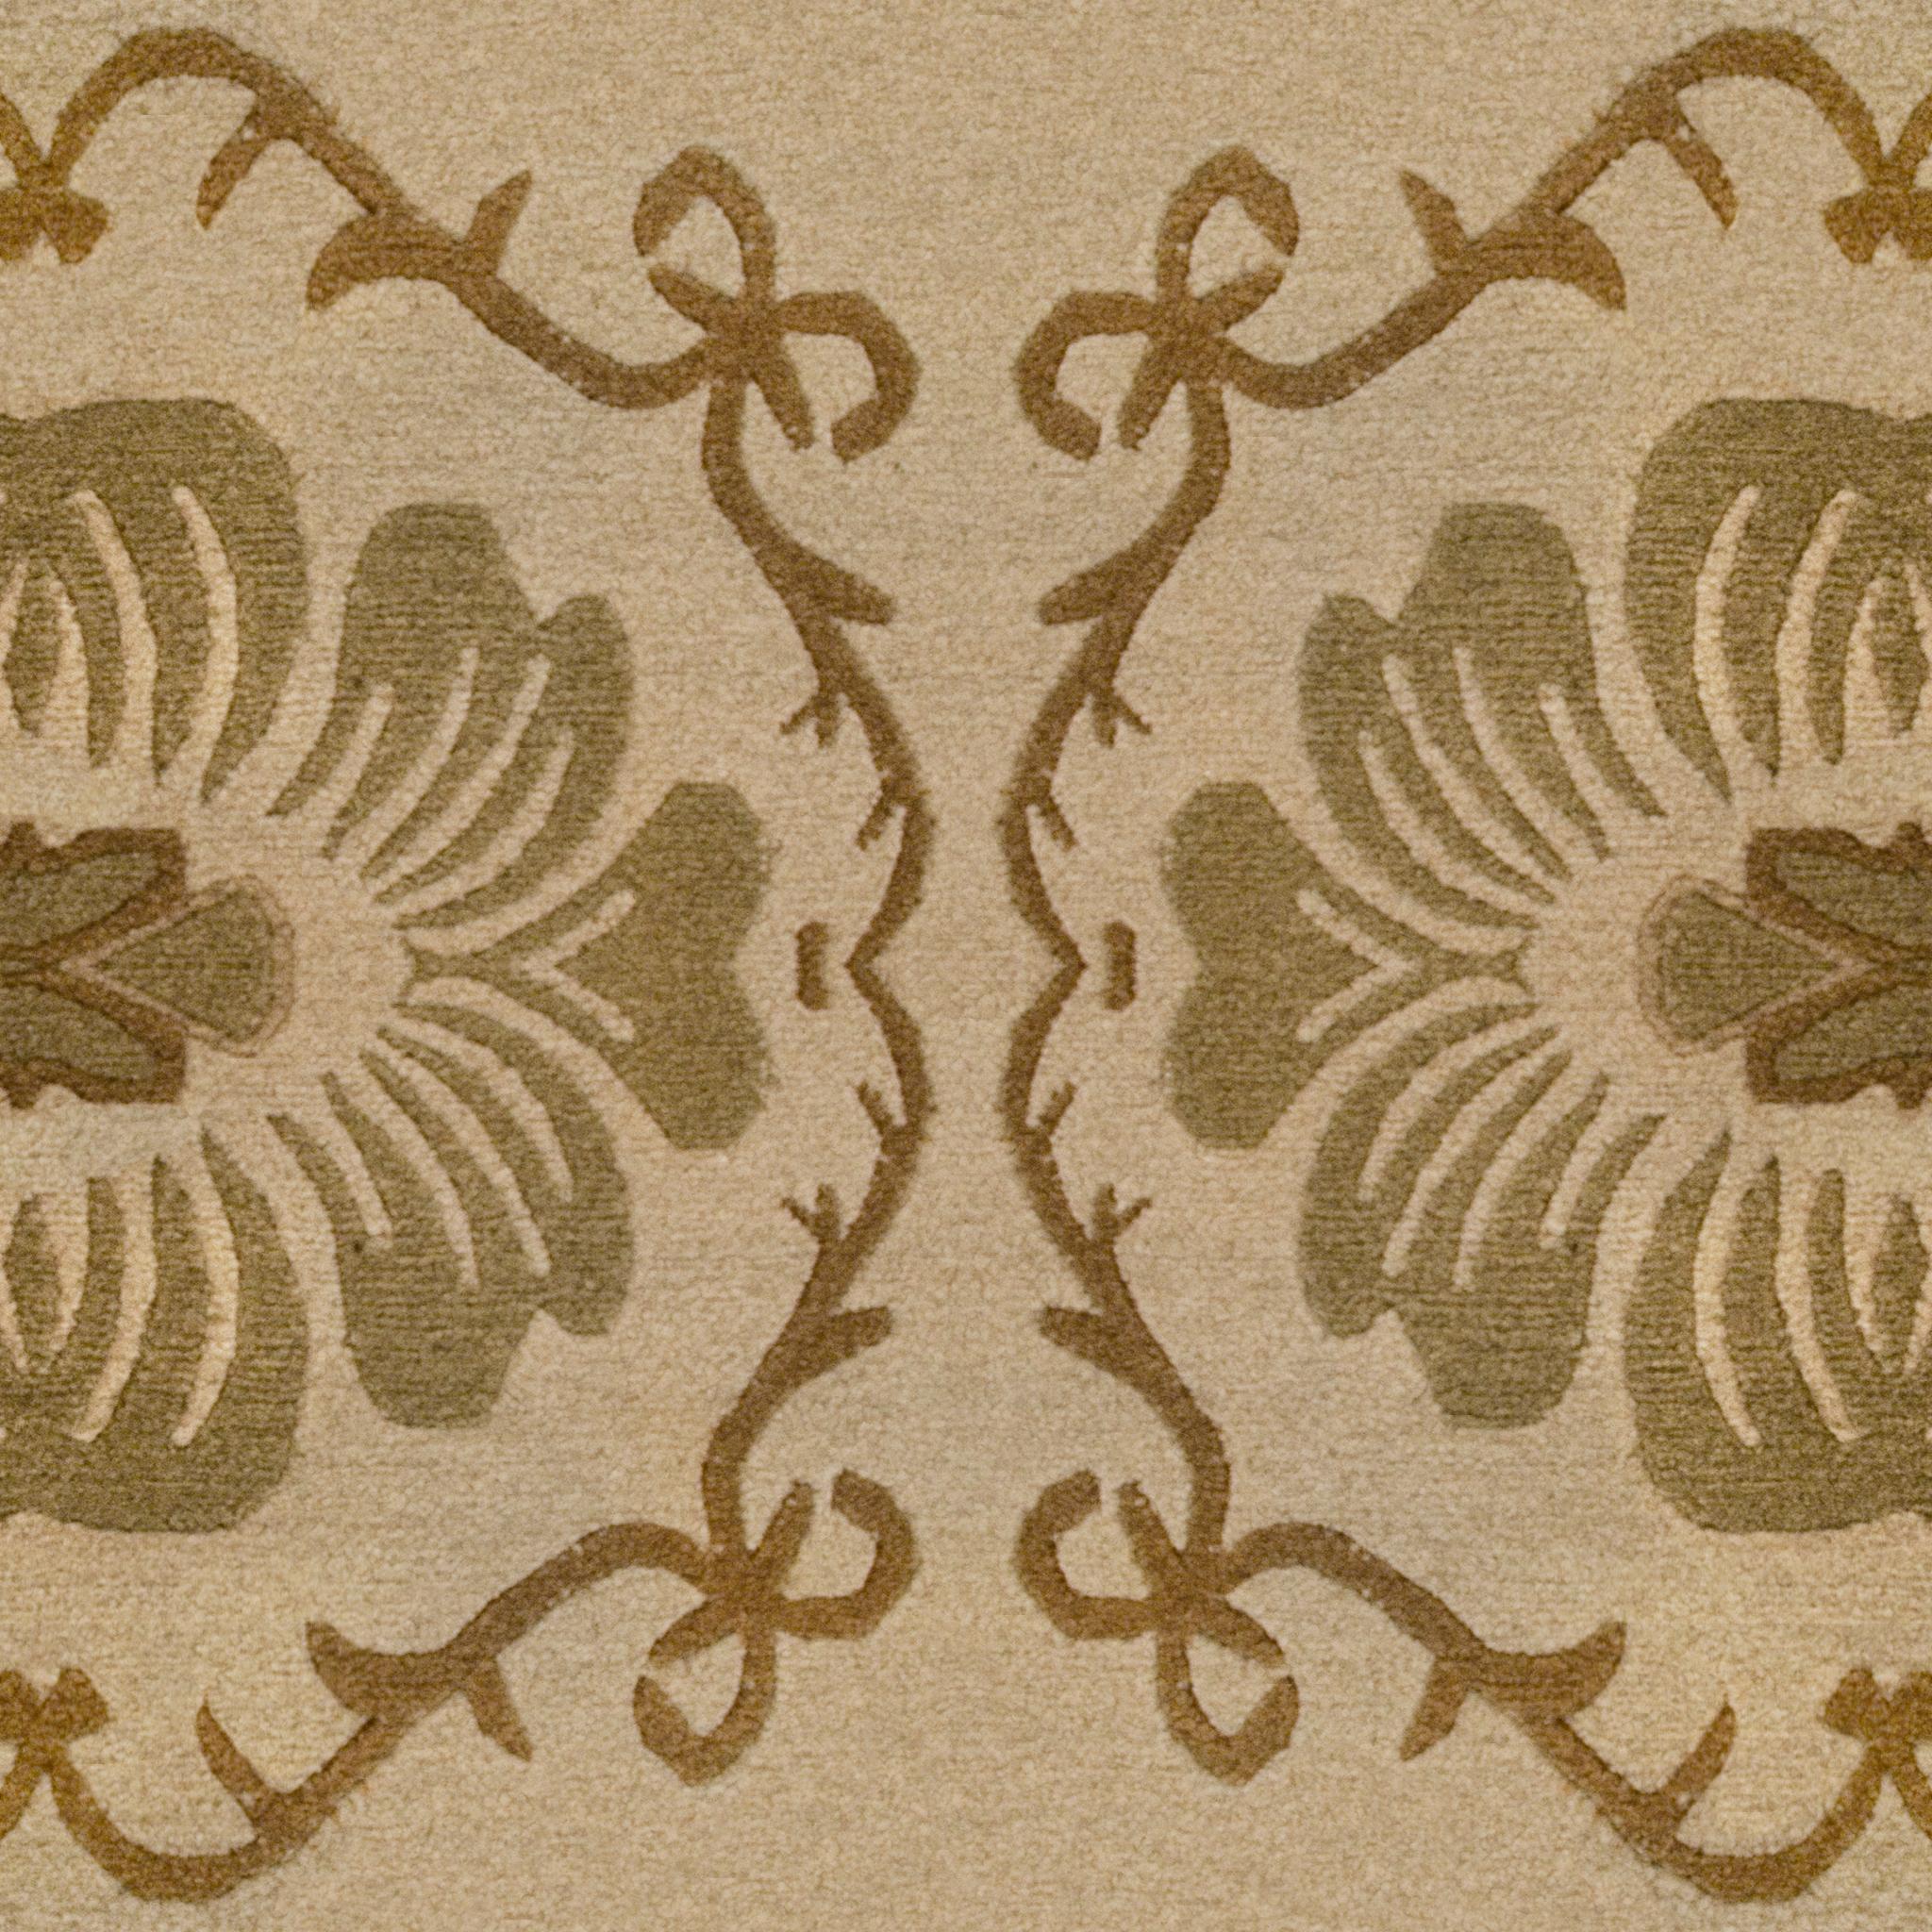 Floral Thorns Carpet.jpg